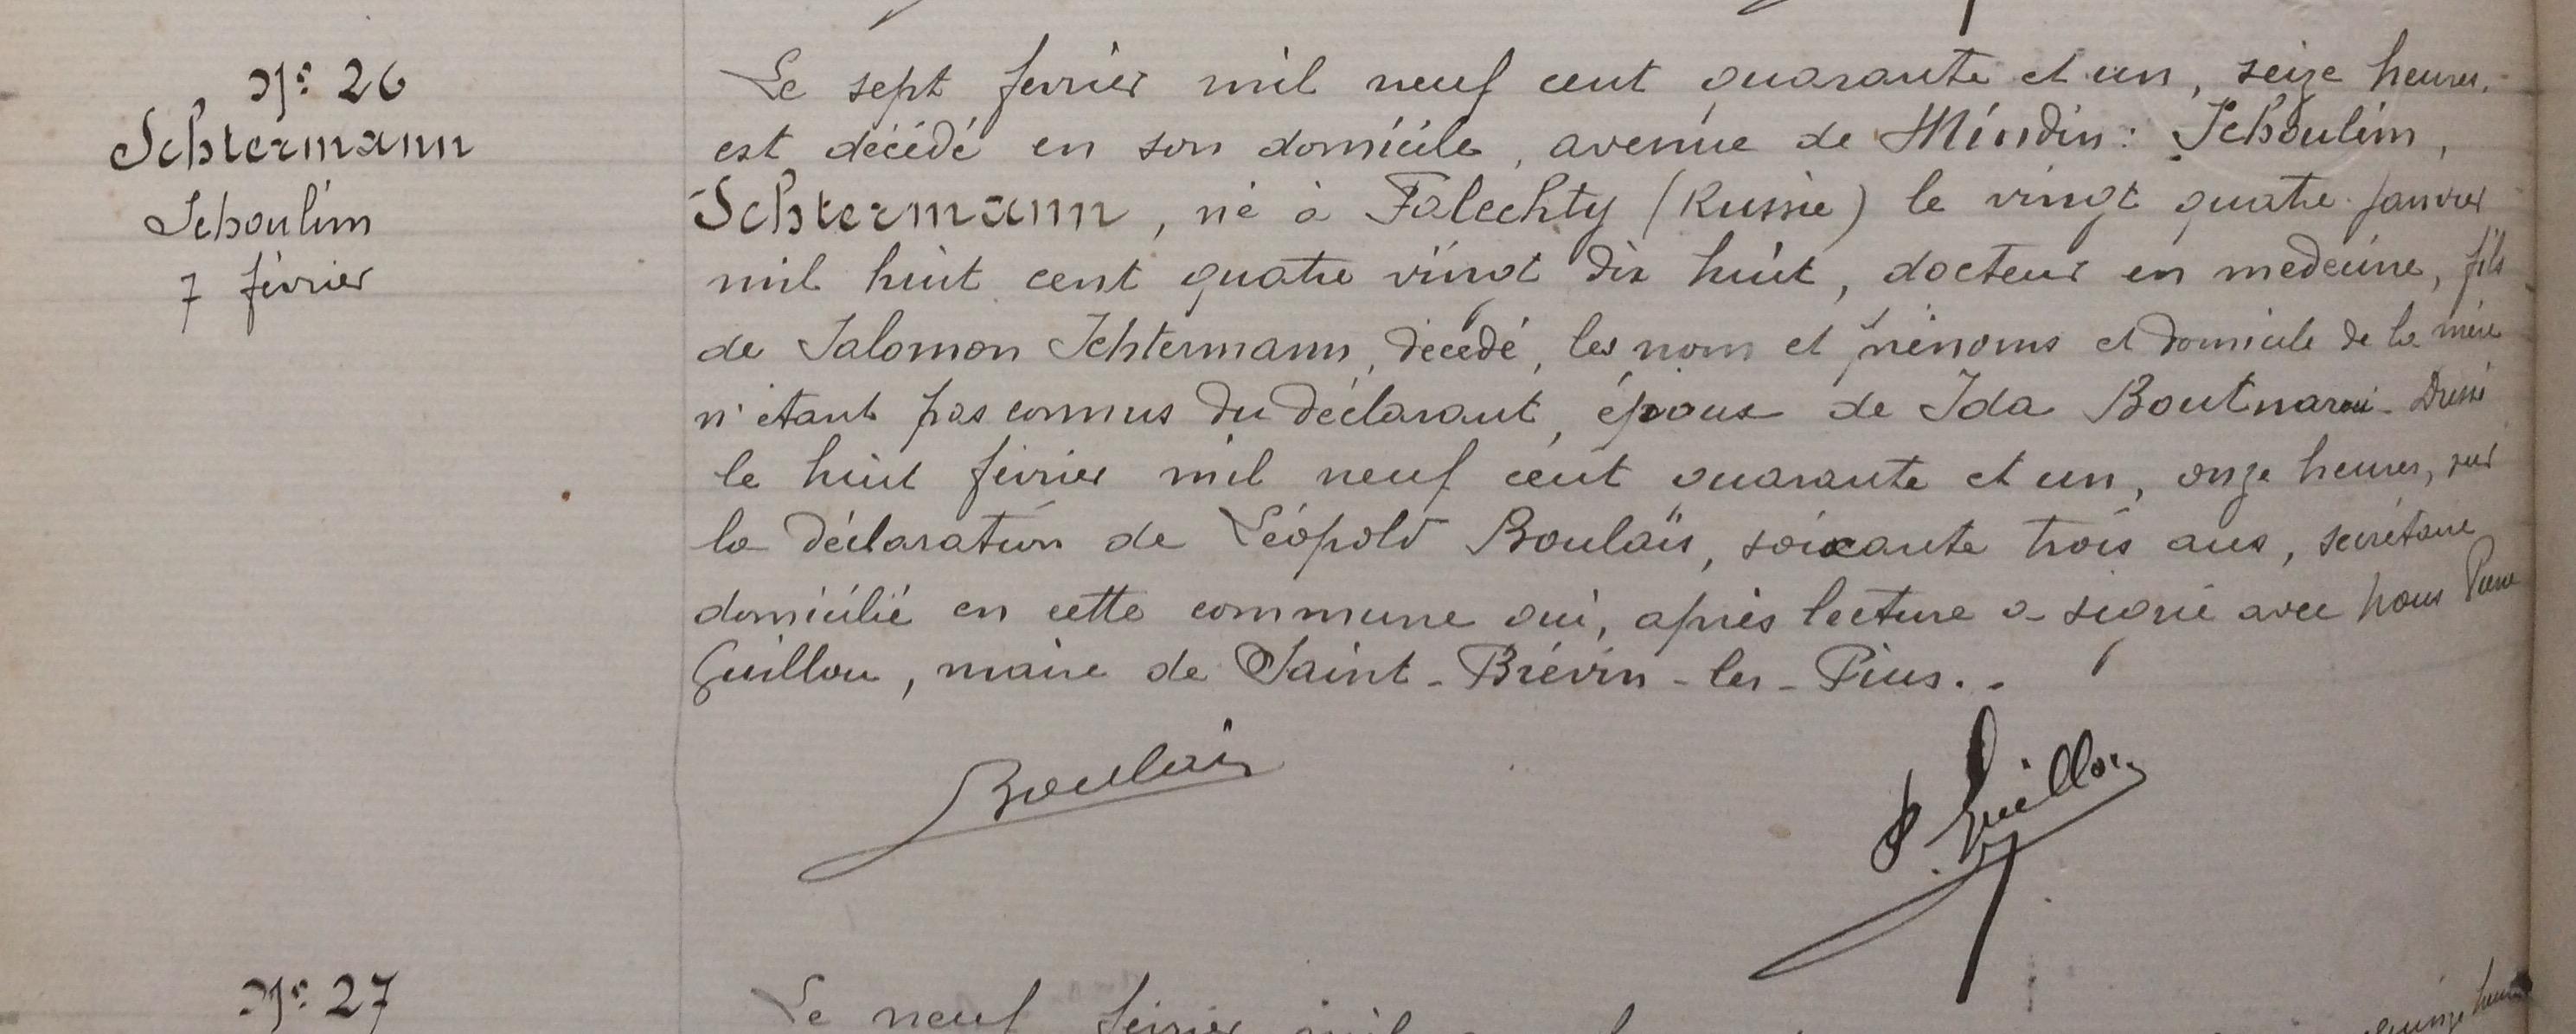 [Archives Municipales de Saint-Brevin, Etat civil]